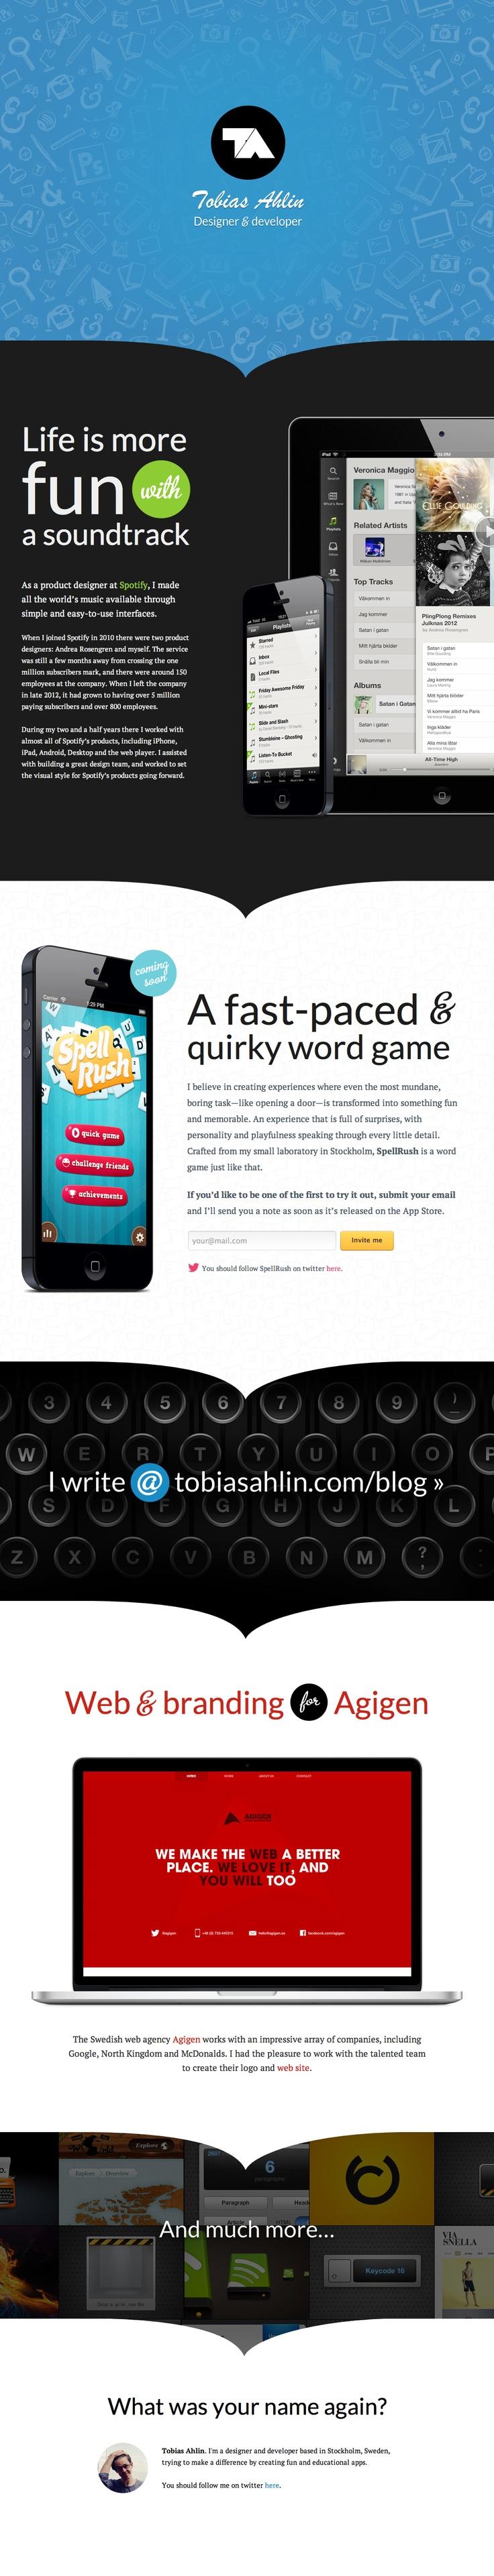 Tobias Ahlin — Designer & Developer  tobiasahlin.com